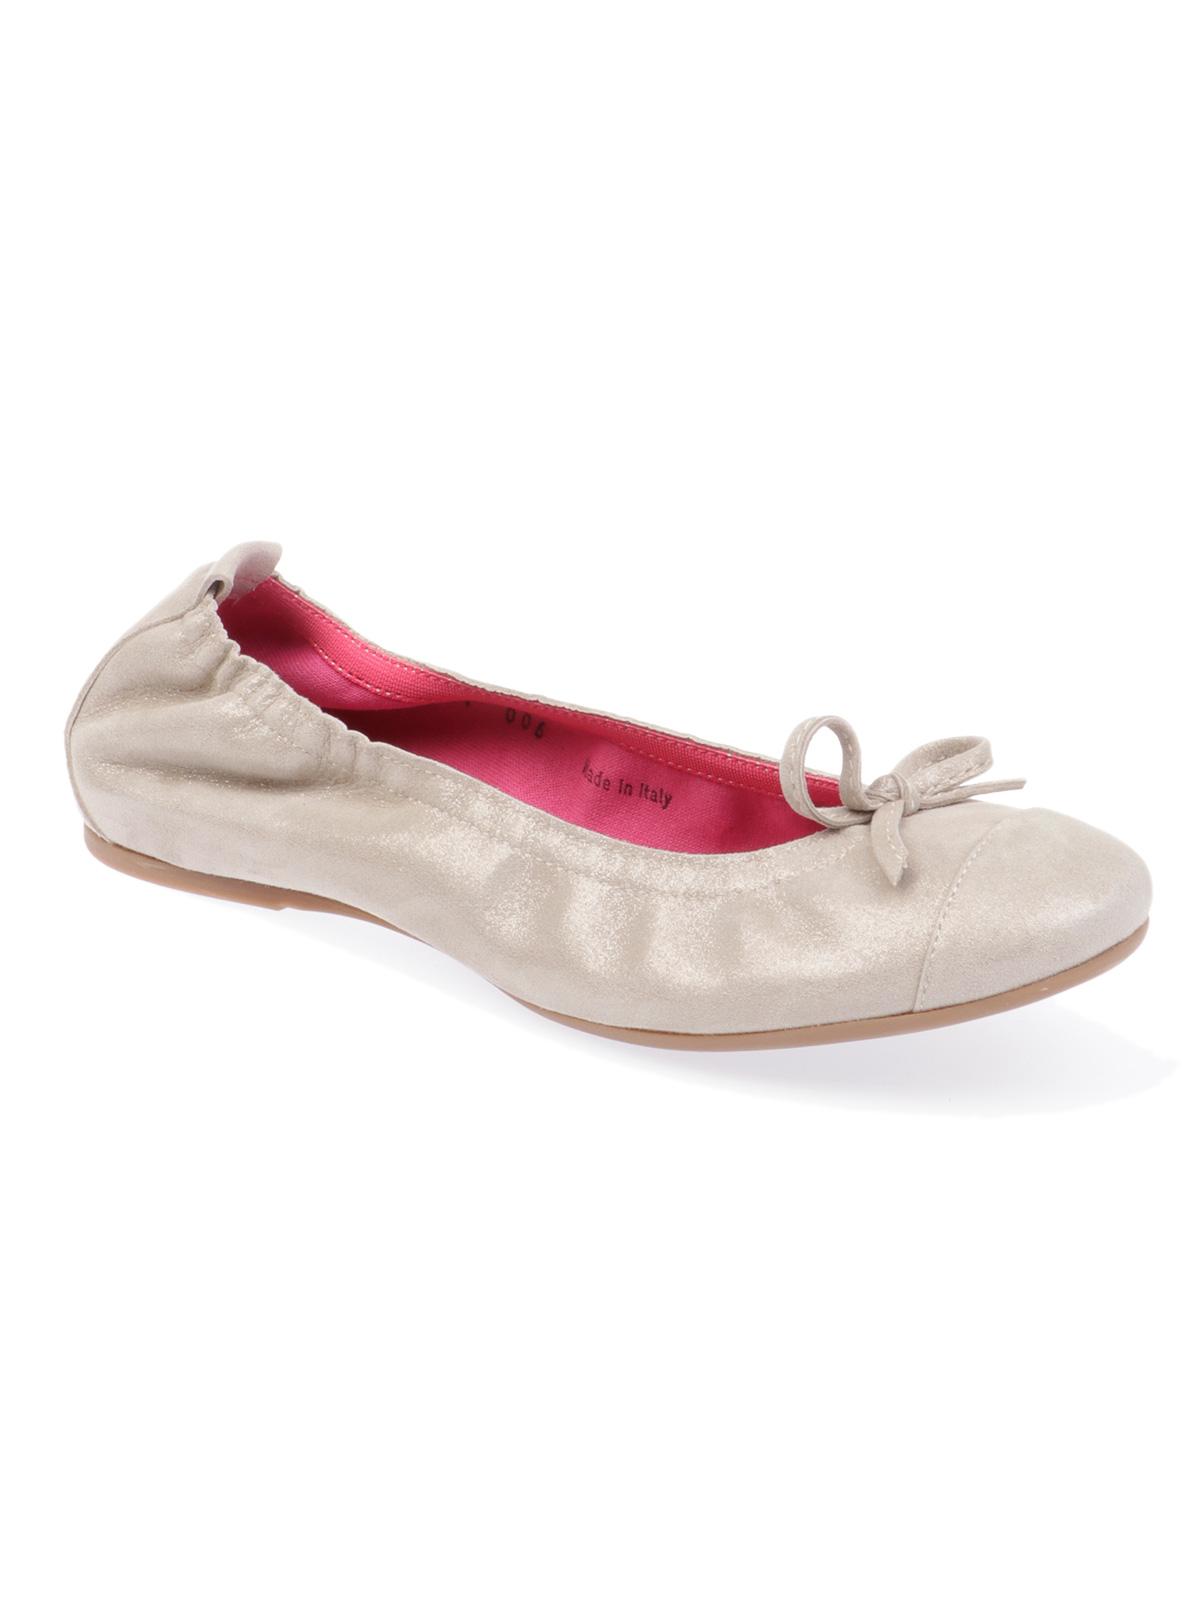 aspetto dettagliato 6a8b4 8661d LE BABE   Women's Ballerina MO1816   MO1816 LUCE   Botta & B ...